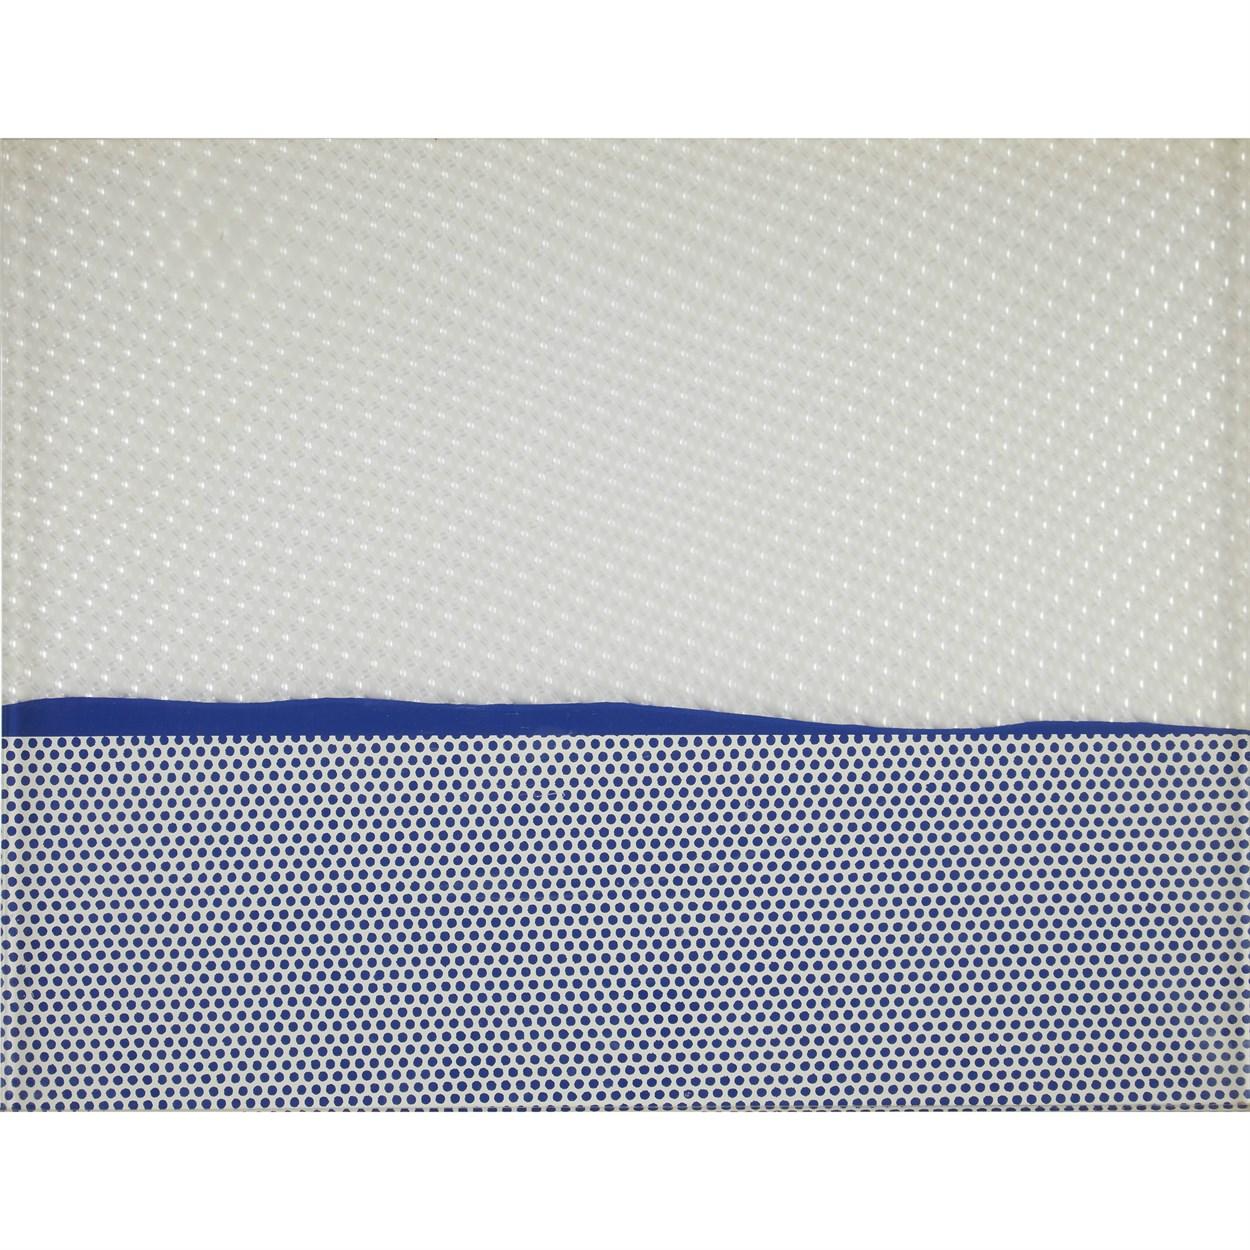 Lot 9 - Roy Lichtenstein (American, 1923-1997)